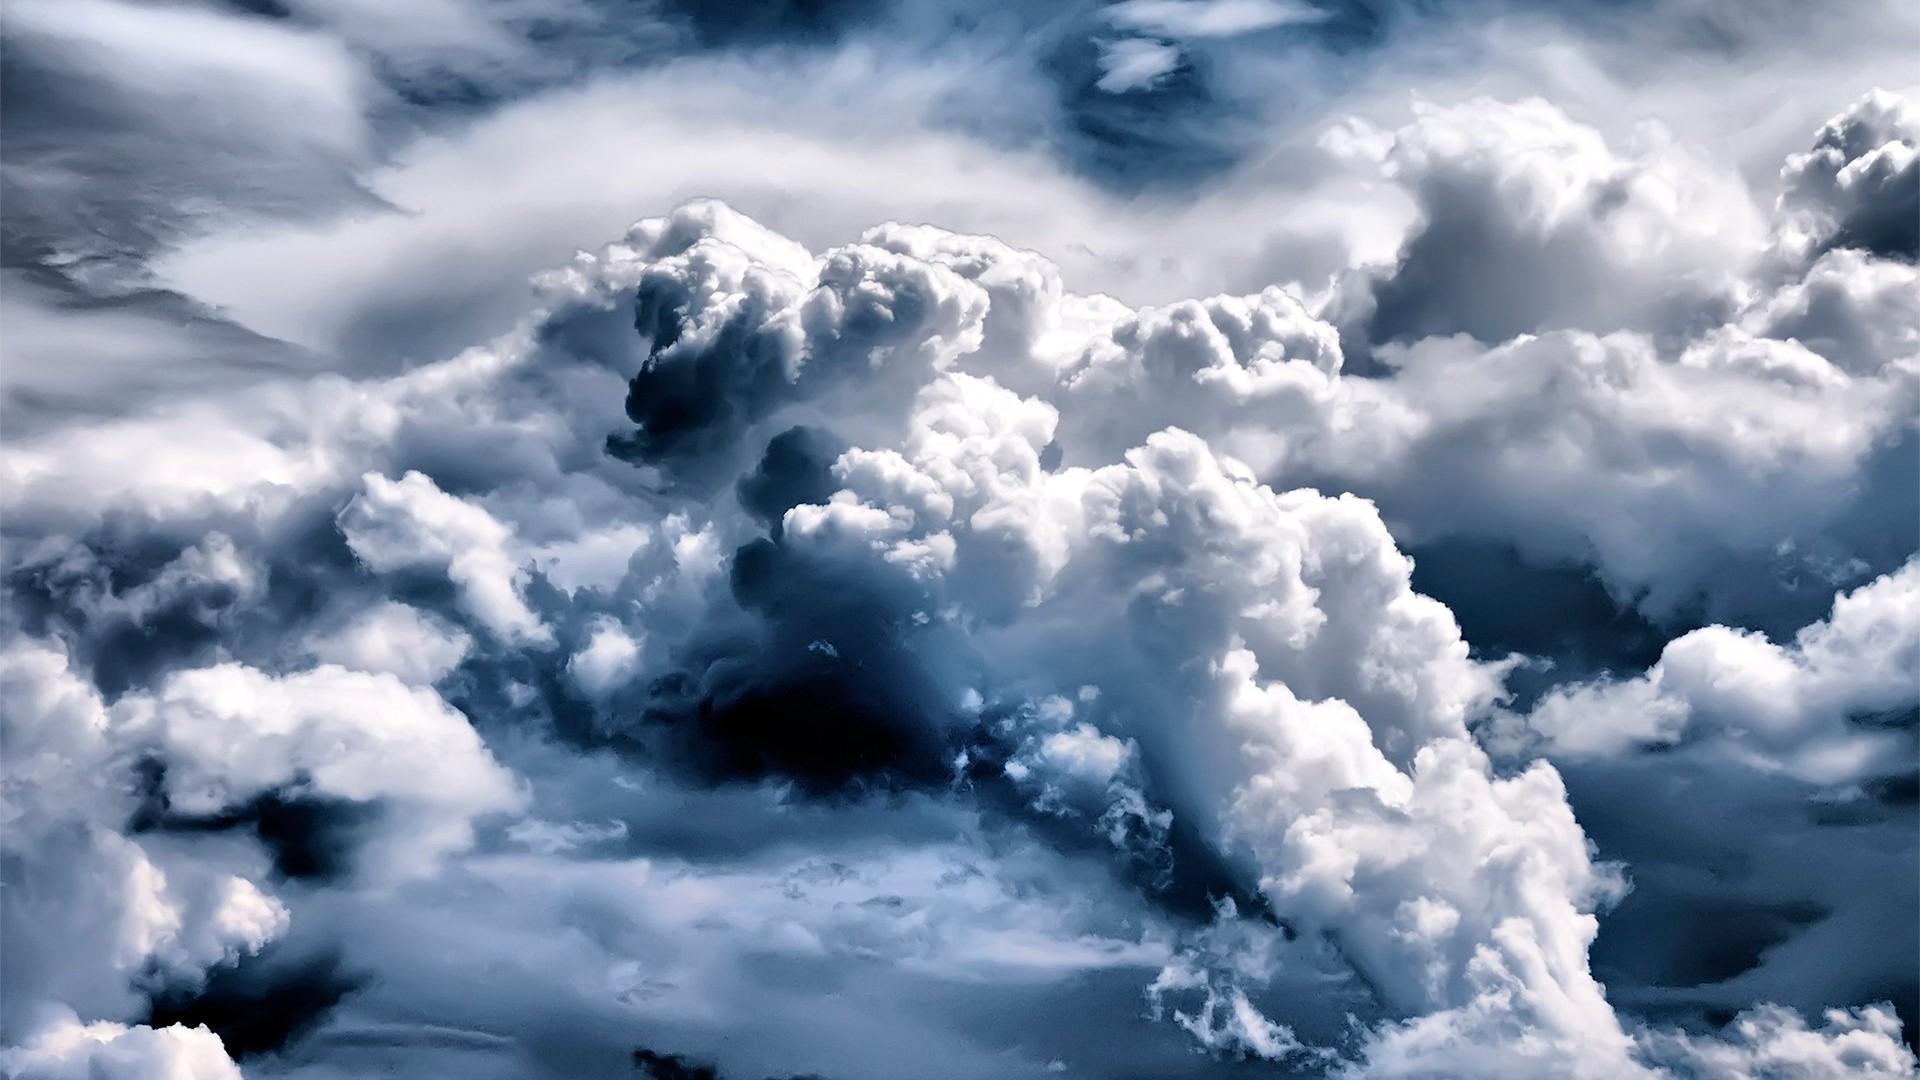 Rain Cloud Wallpaper HD | PixelsTalk Net